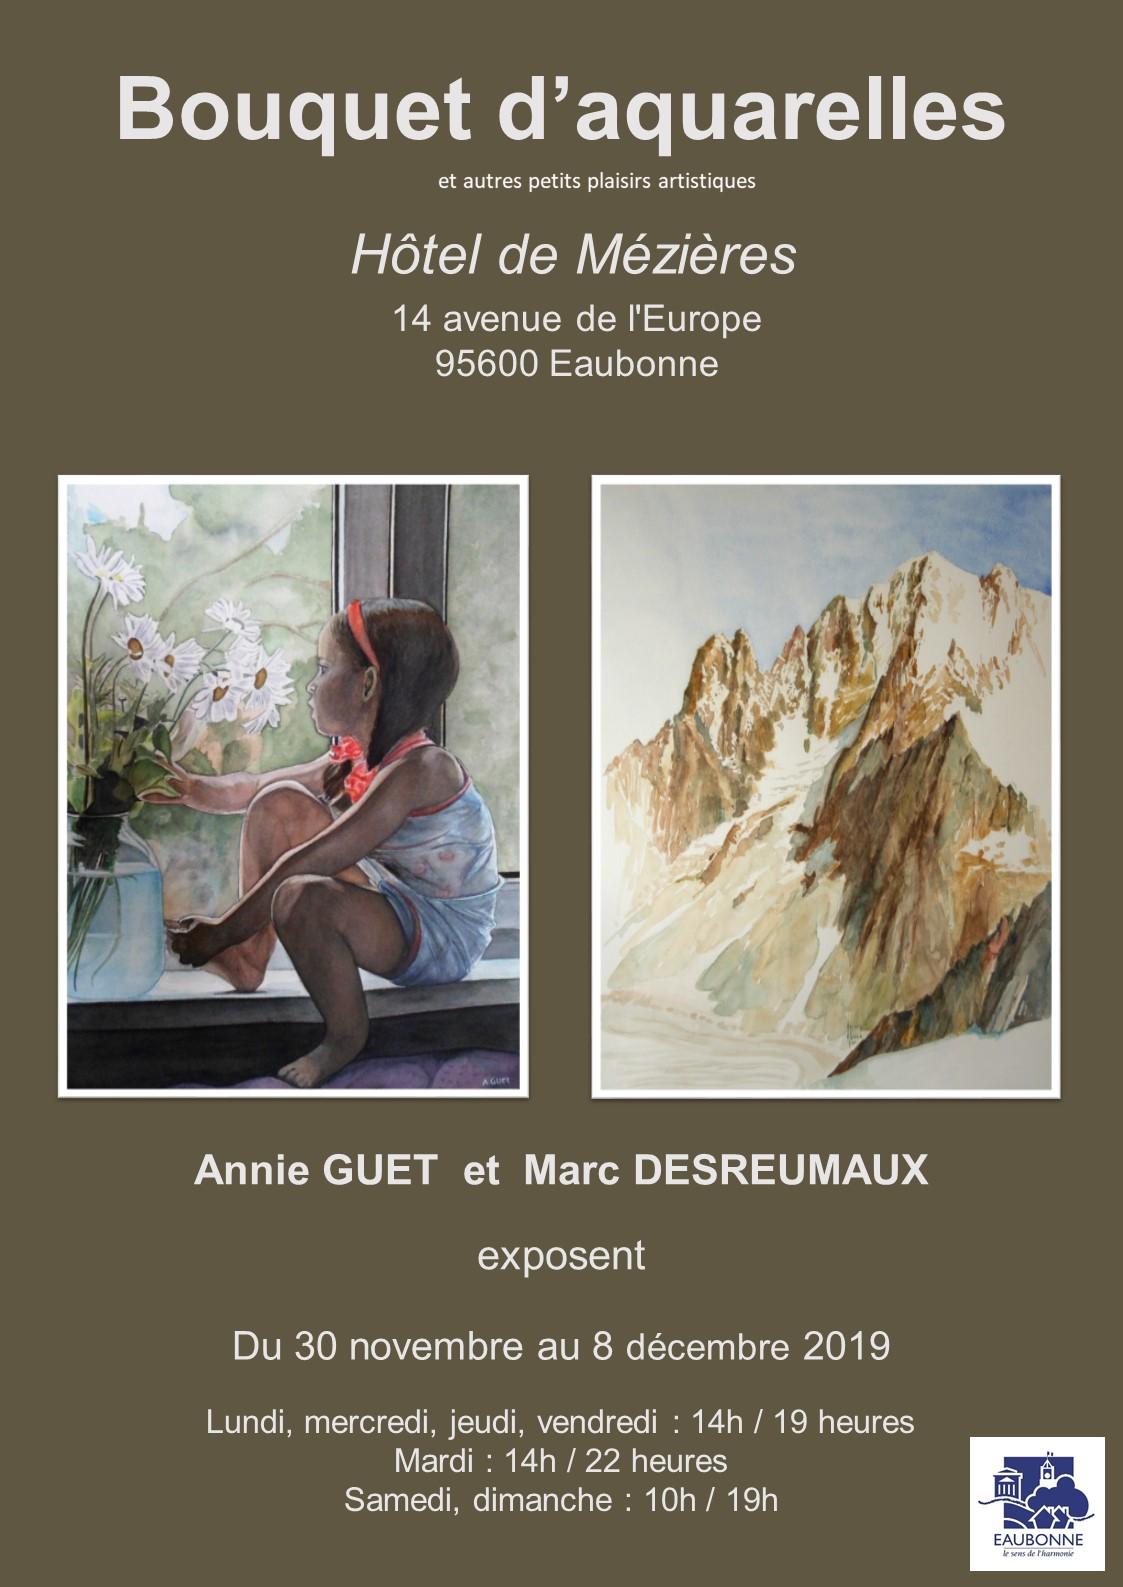 Exposition BOUQUET D'AQUARELLES